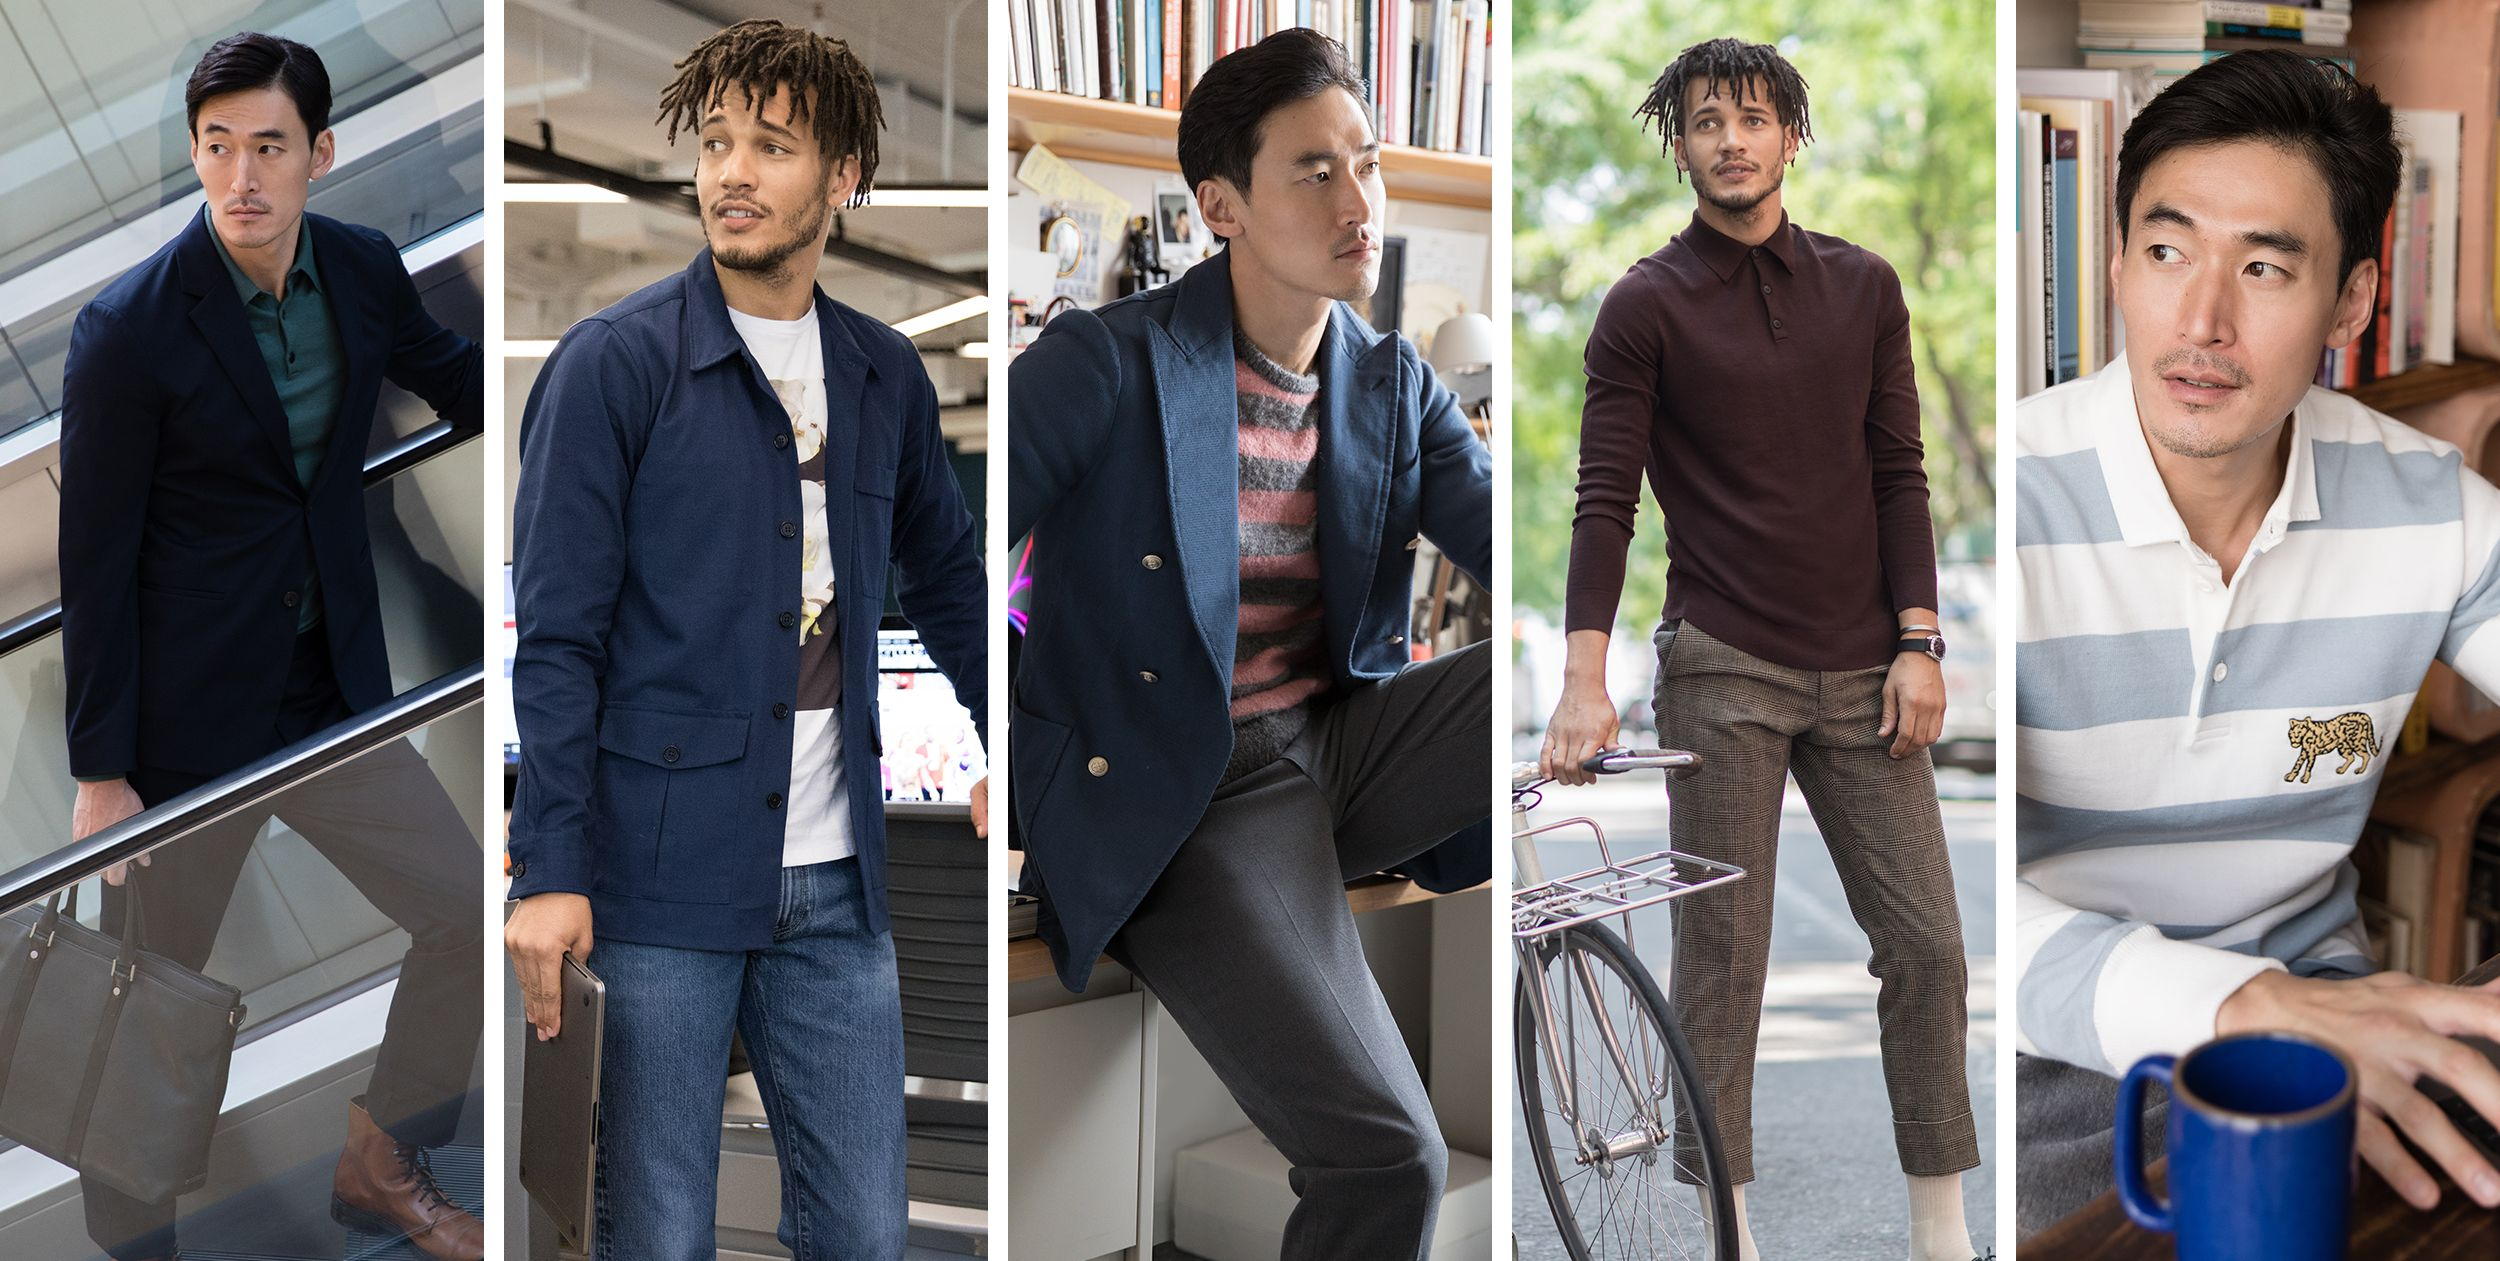 Mens Fashion 2018 - Latest Mens Fashion Trends